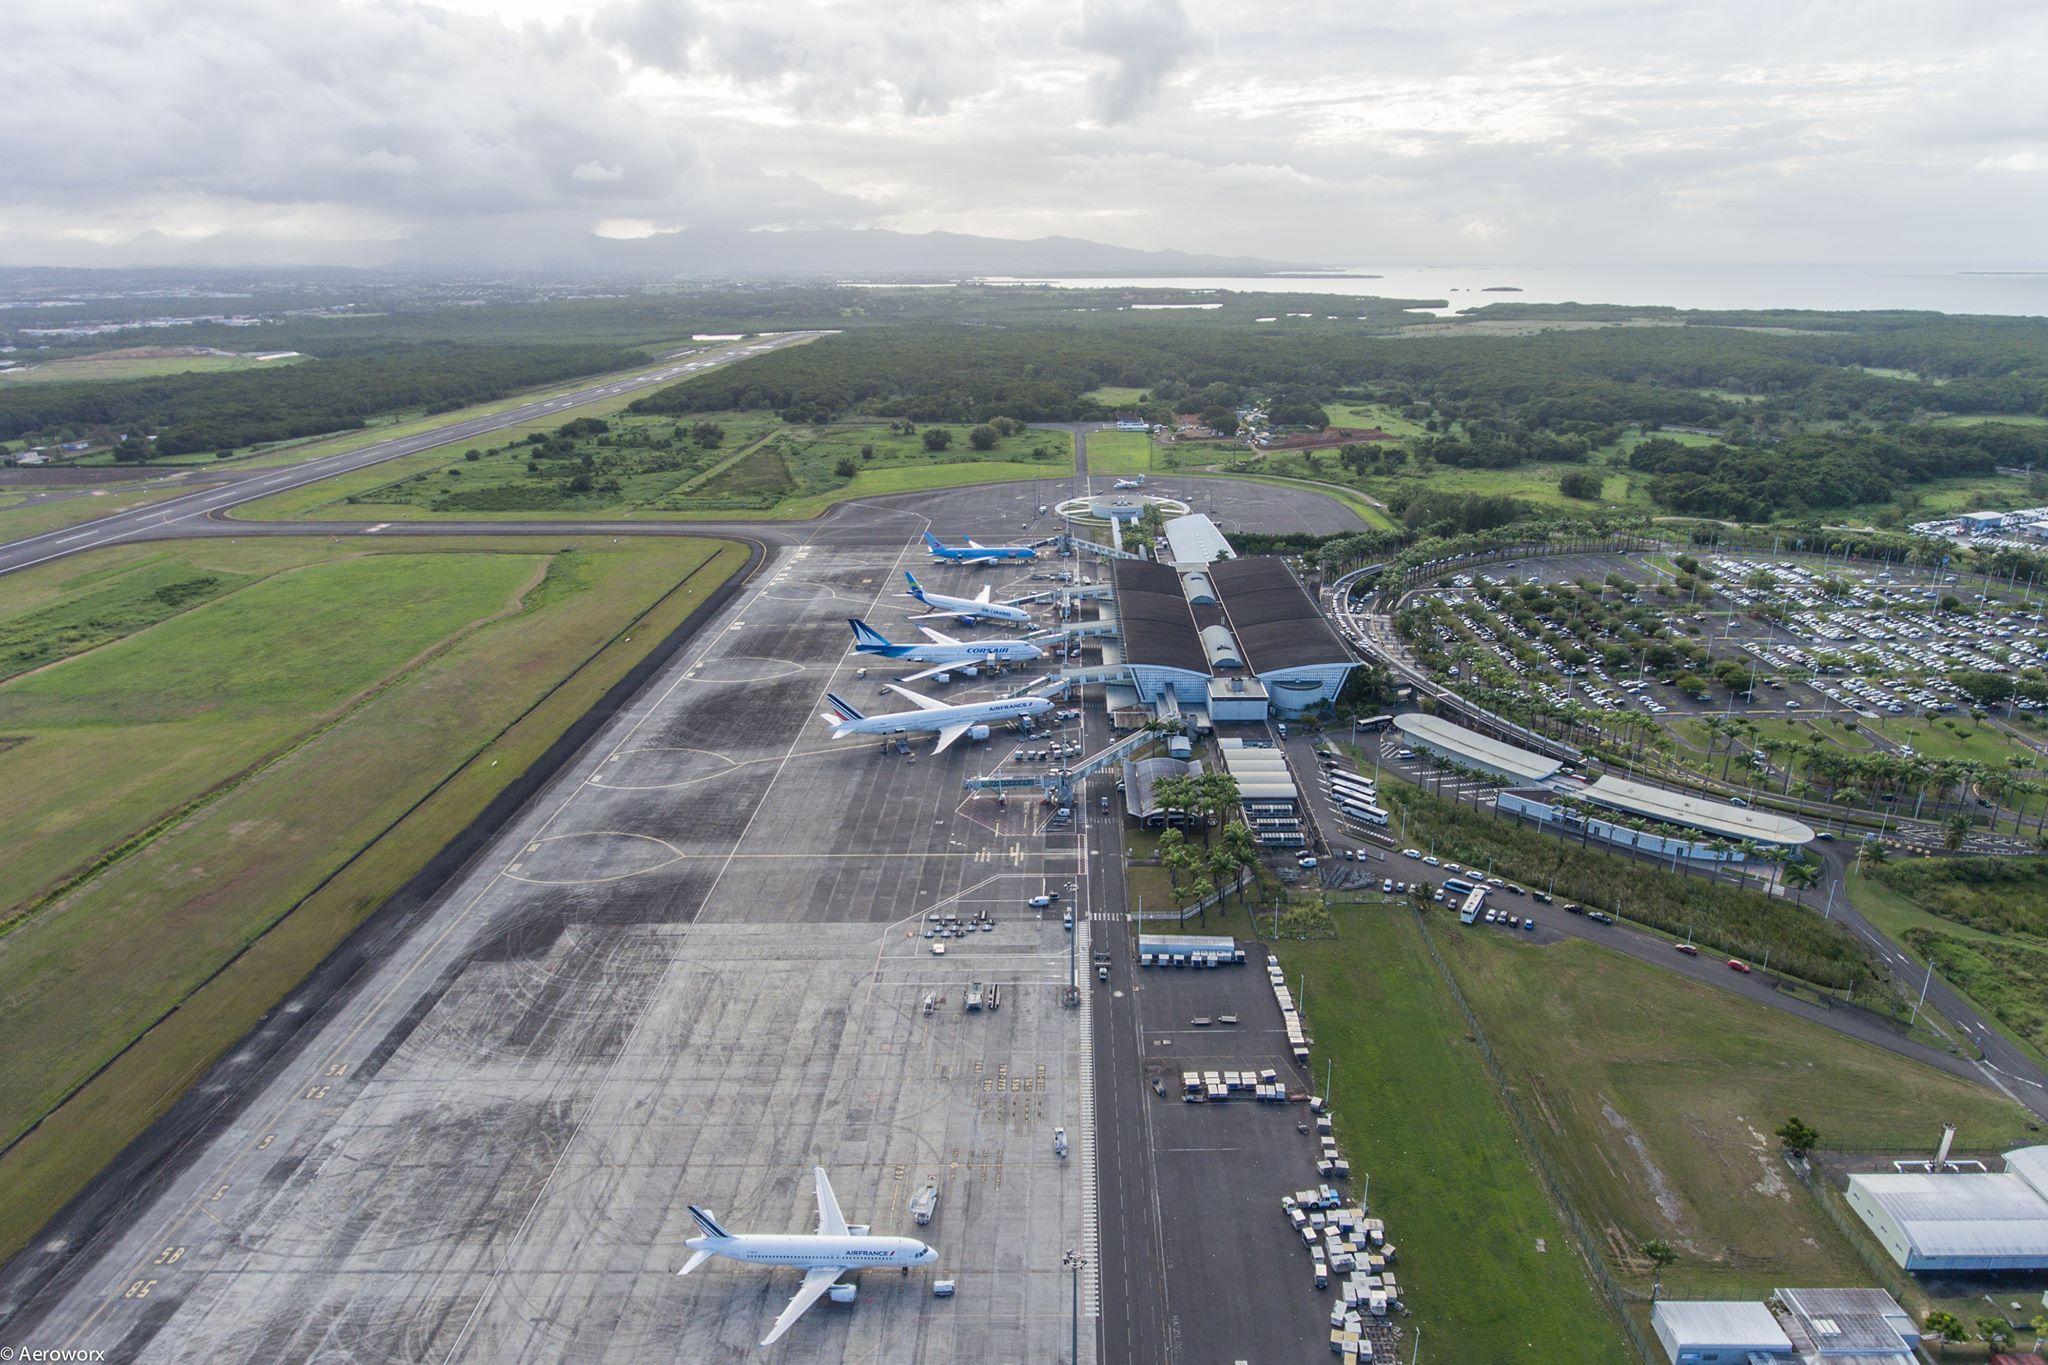 Guadeloupe: Le trafic aérien toujours en baisse, un recul de fréquentation de 45% enregistré en septembre